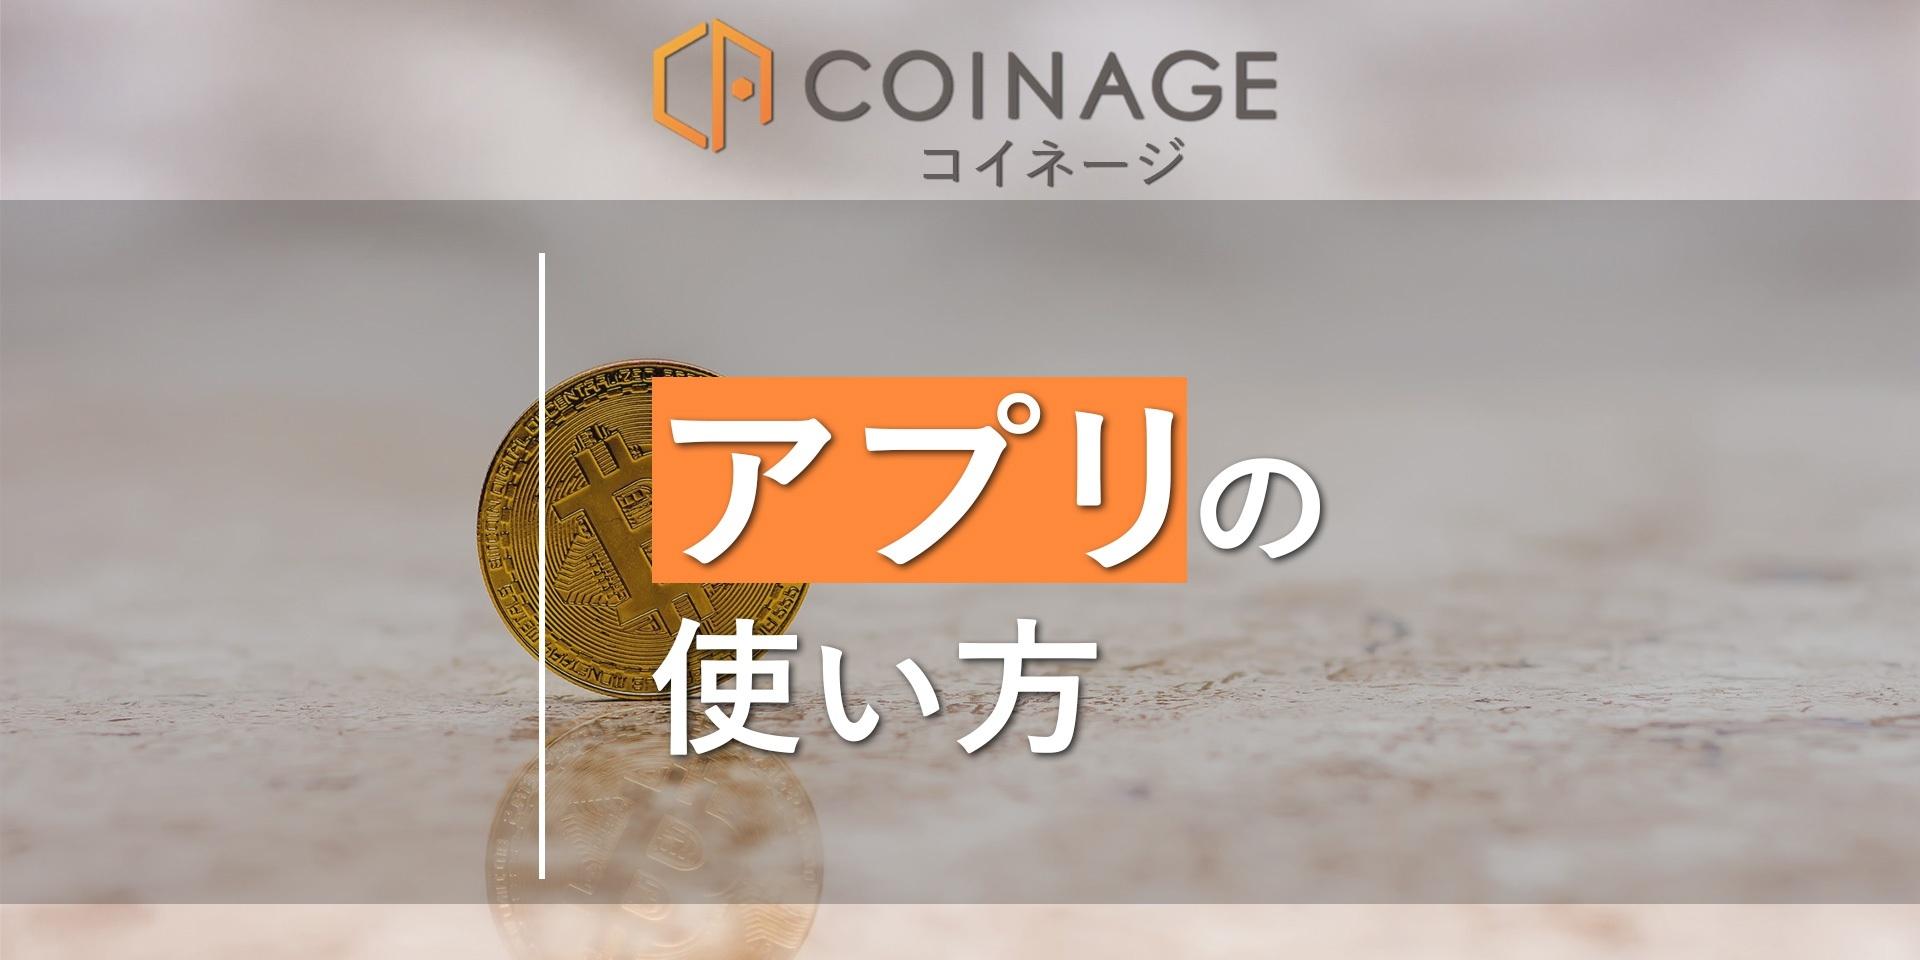 コイネージ(COINAGE)アプリの使い方をわかりやすく解説